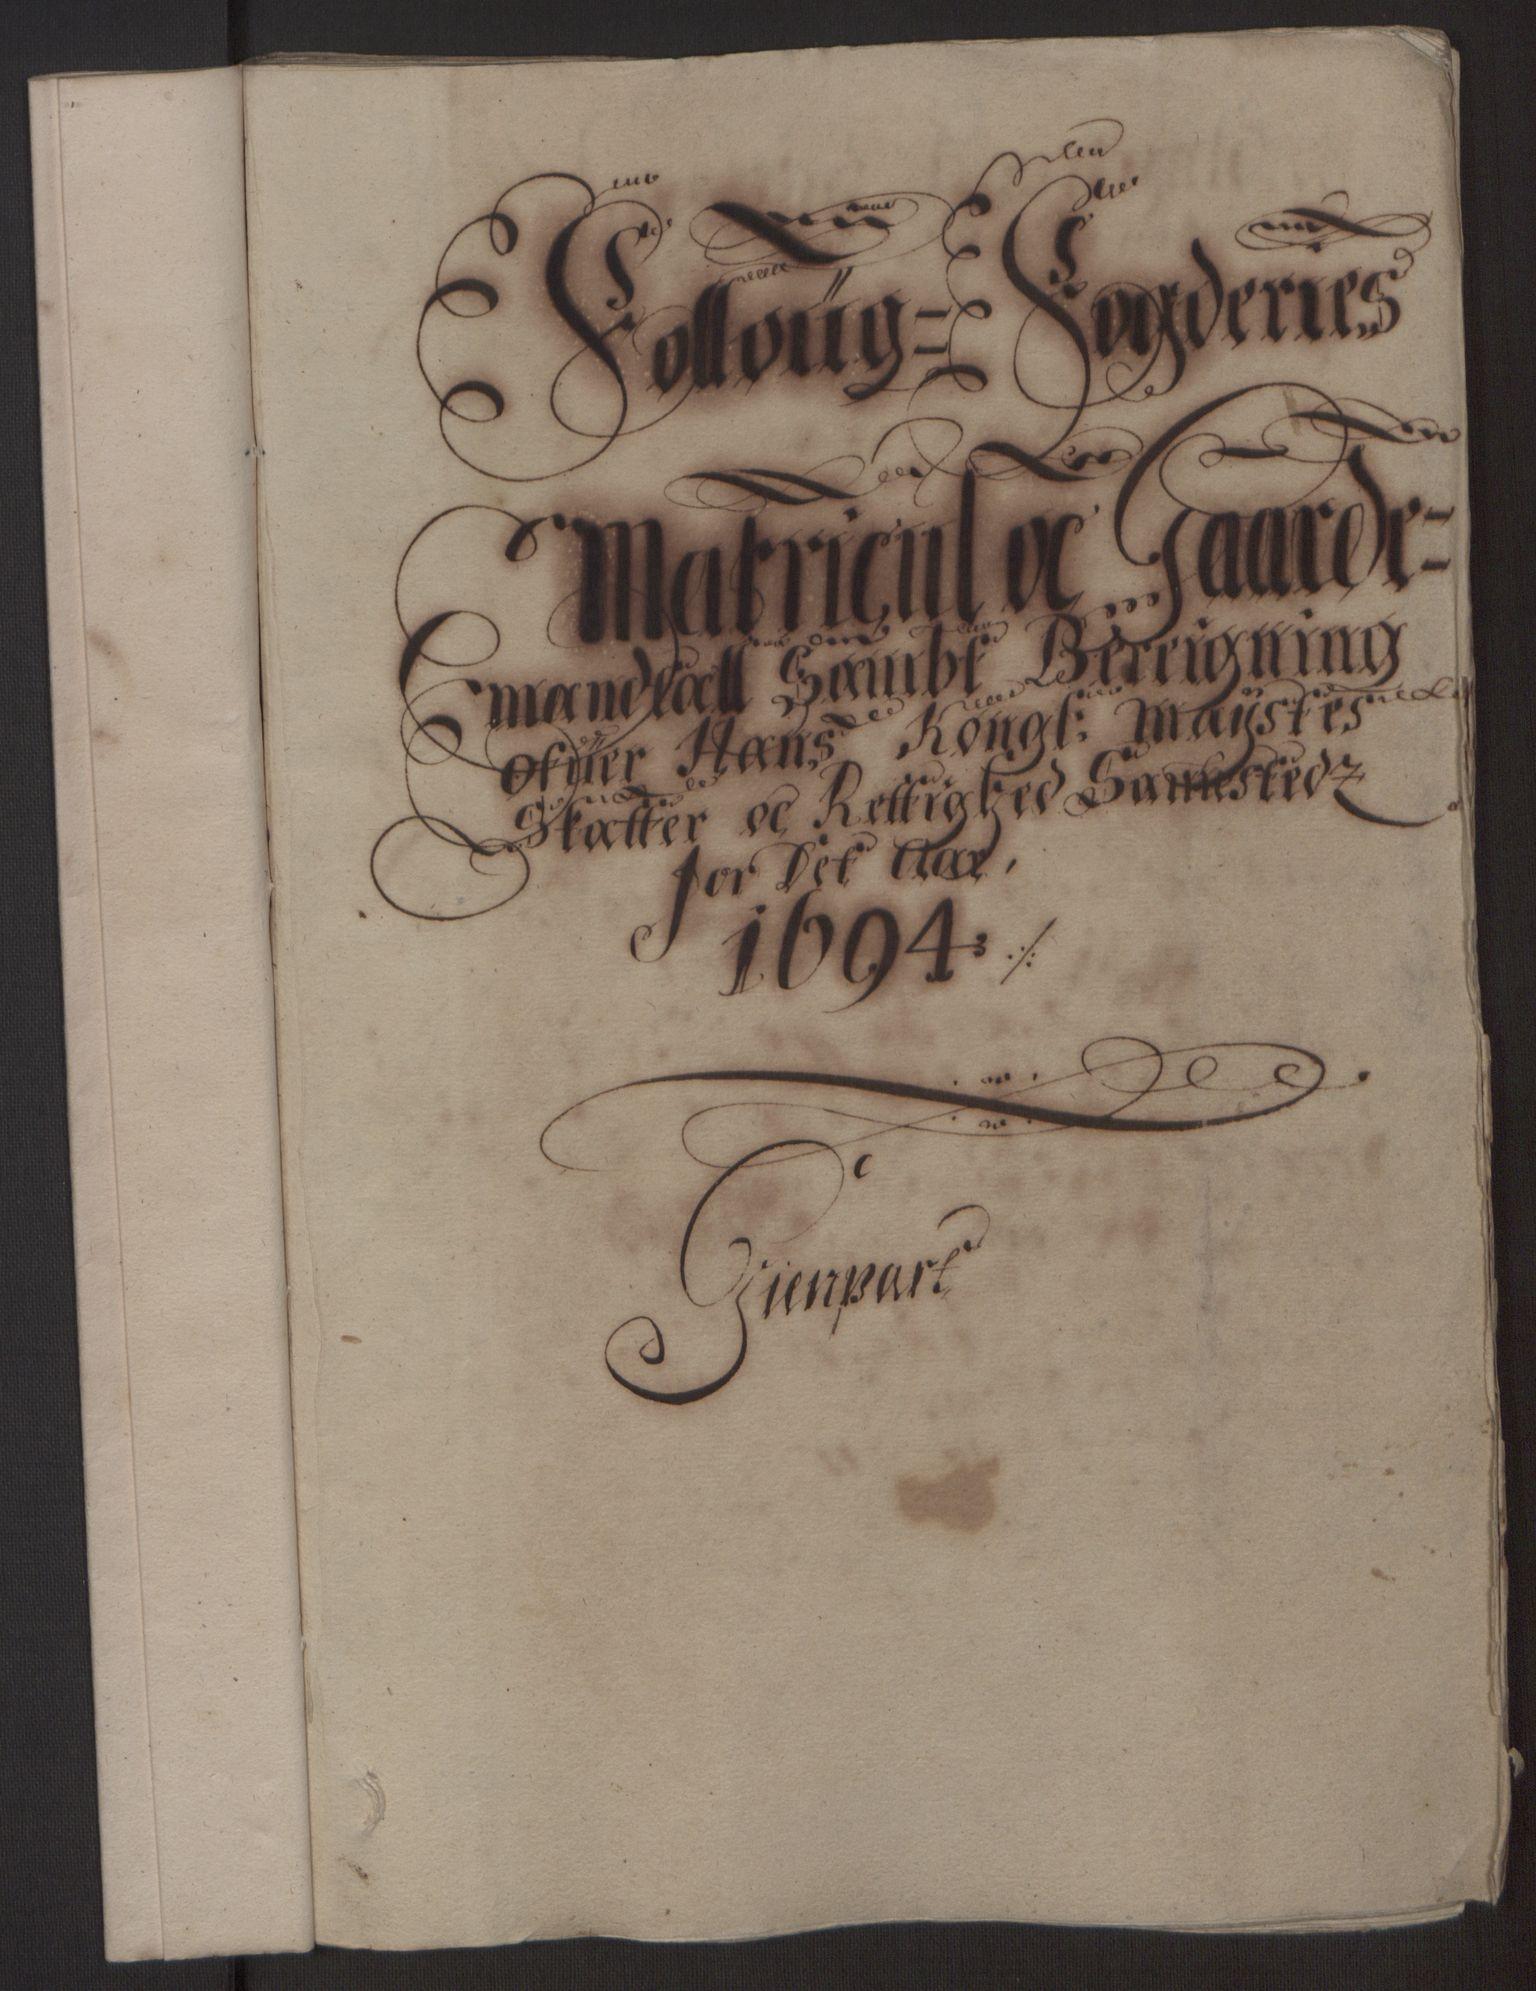 RA, Rentekammeret inntil 1814, Reviderte regnskaper, Fogderegnskap, R10/L0438: Fogderegnskap Aker og Follo, 1694, s. 70